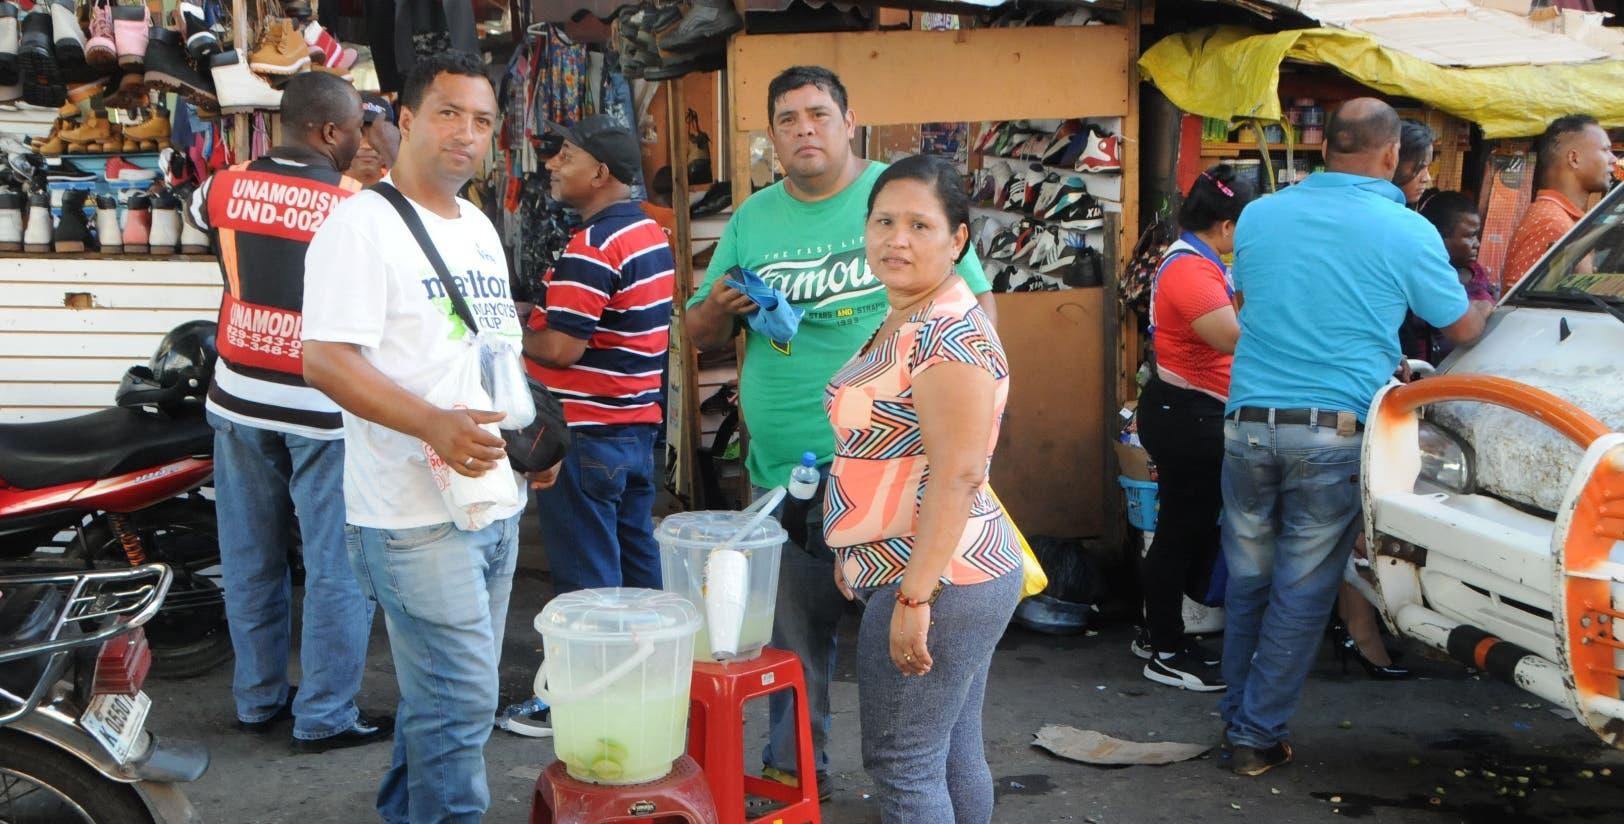 El comercio informal continúa siendo la salida de la crisis que han encontrado muchos venezolanos residentes en el país.